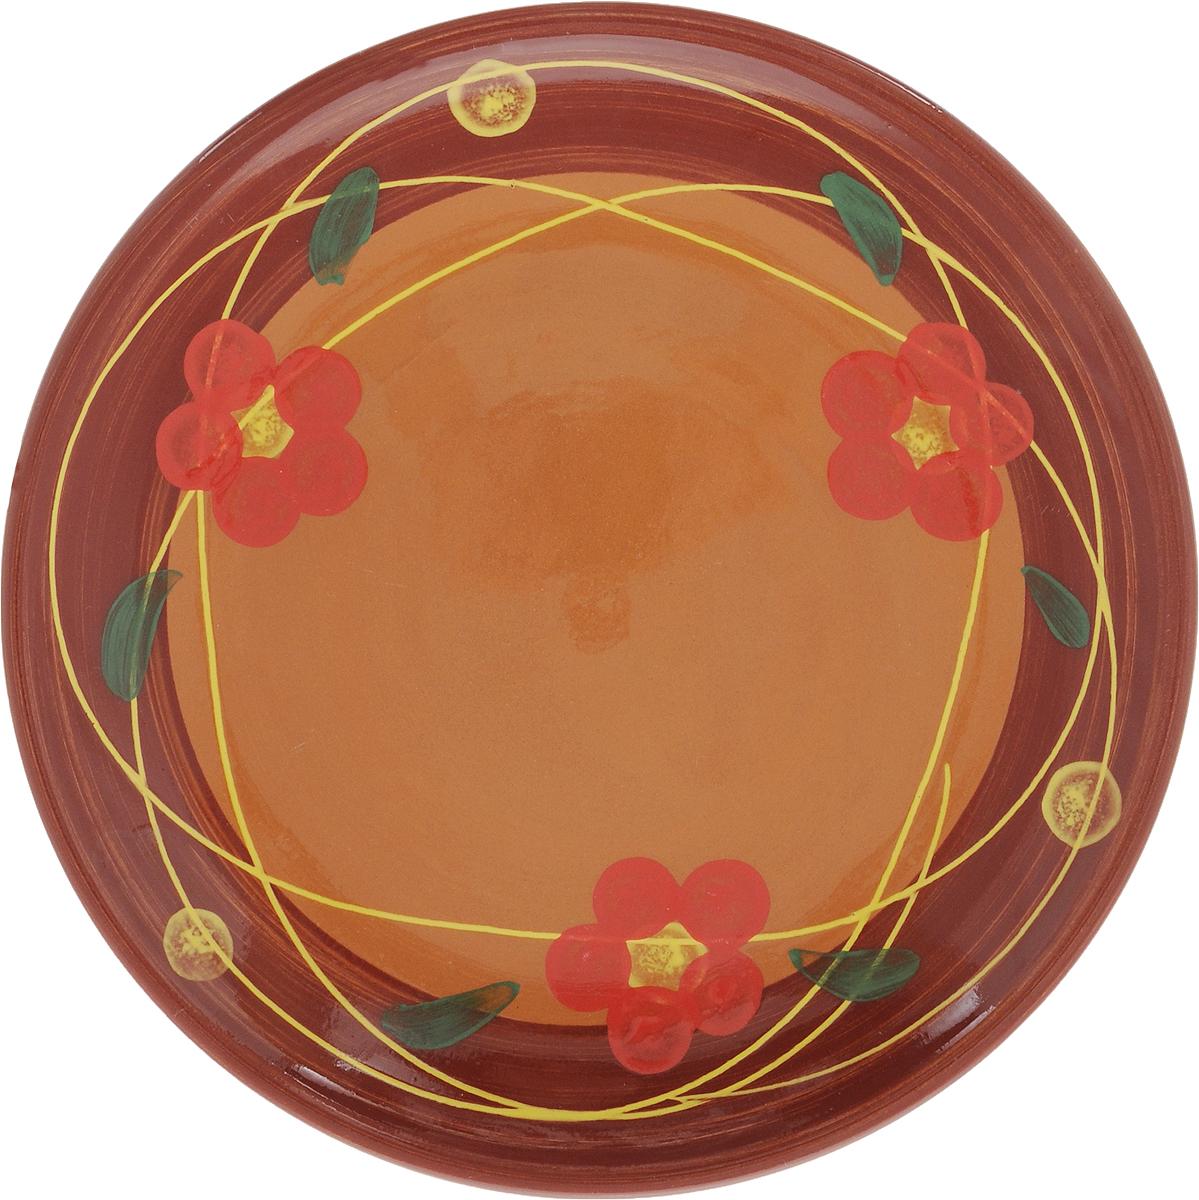 Тарелка Борисовская керамика Cтандарт, цвет: коричневый, красный, диаметр 23 смОБЧ00000586_коричневый, красныйТарелка плоская Cтандарт выполнена из высококачественной керамики. Внутренняя часть тарелки оформлена ярким рисунком с изображением цветка. Тарелка Борисовская керамика Cтандарт идеально подойдет для сервировки стола и станет отличным подарком к любому празднику. Изделие может использоваться как подставка под любую другую посуду. Можно использовать в духовке и микроволновой печи. Диаметр (по верхнему краю): 23 см.